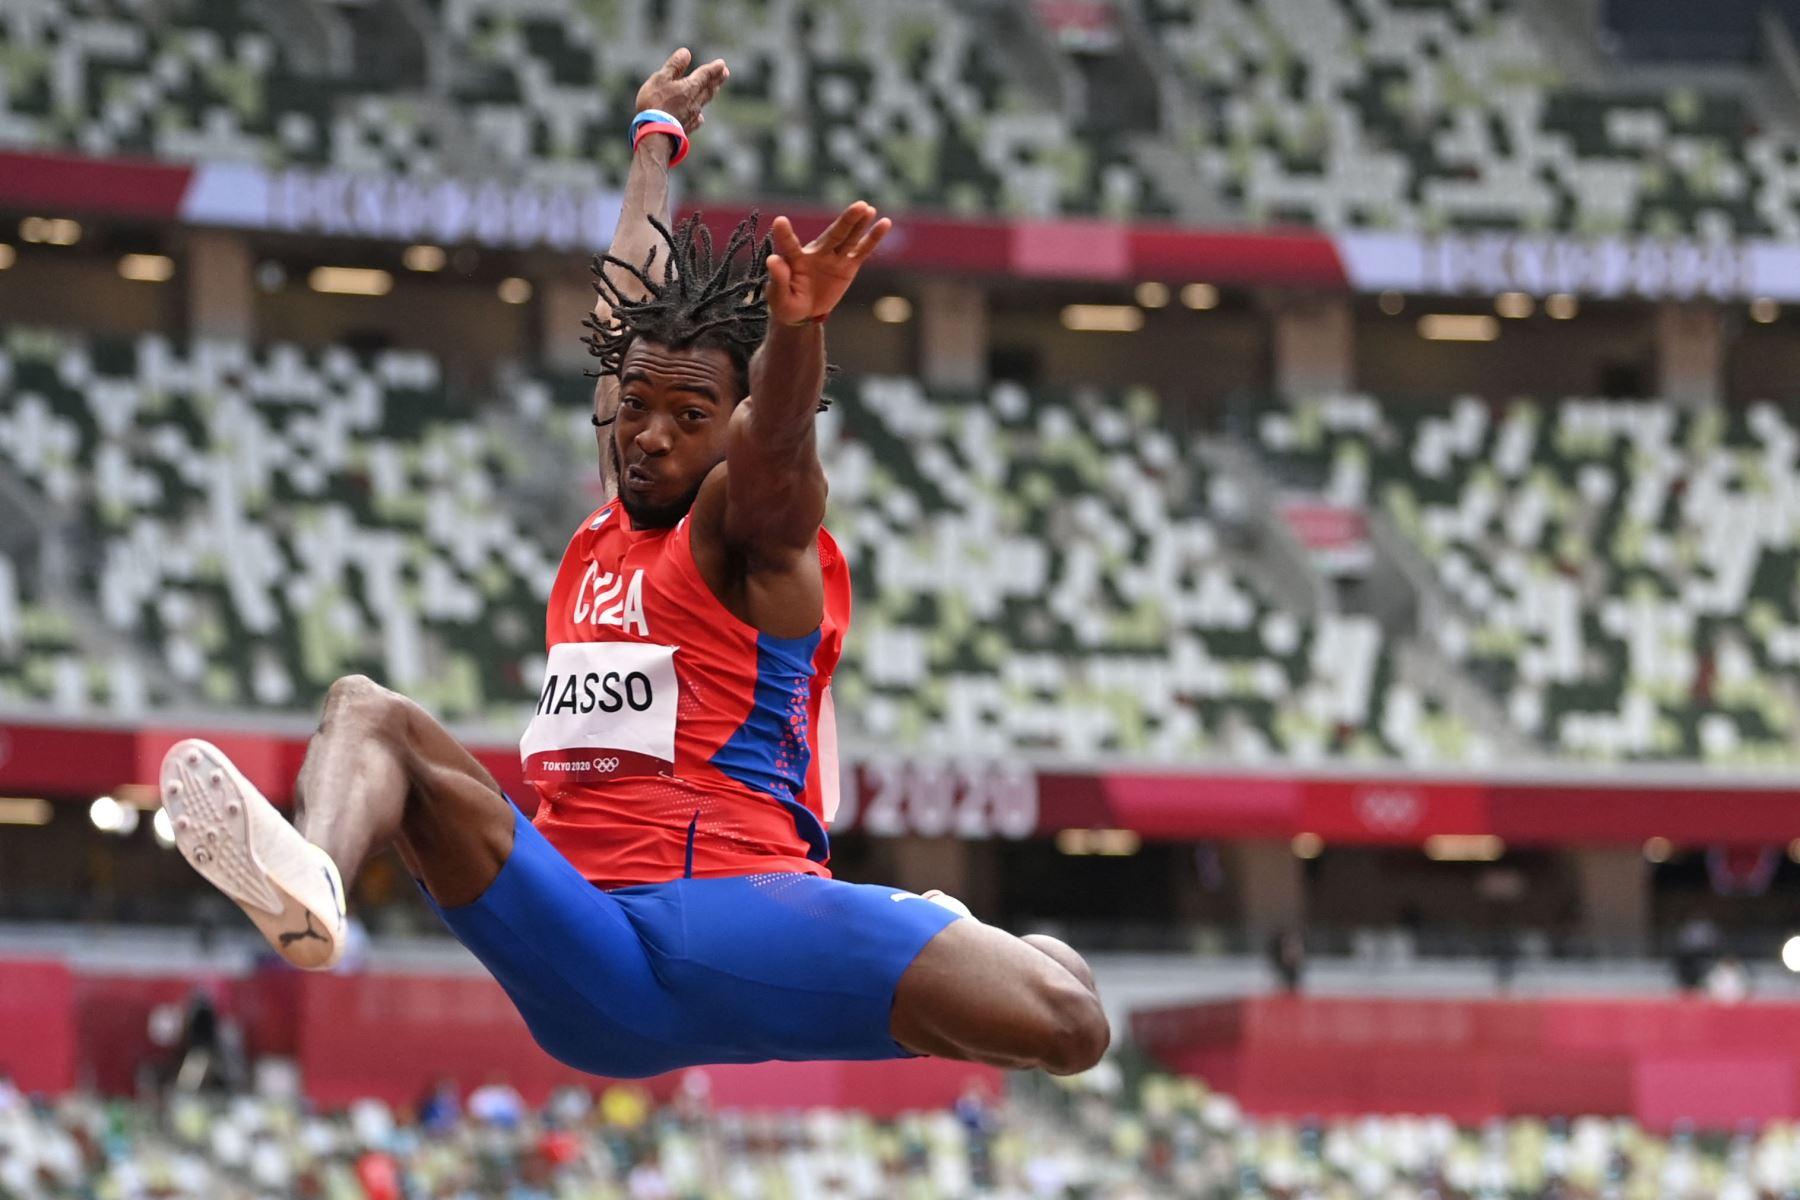 Maykel Masso, de Cuba, compite en la final masculina de salto de longitud durante los Juegos Olímpicos de Tokio 2020 en el Estadio Olímpico de Tokio. Foto: AFP